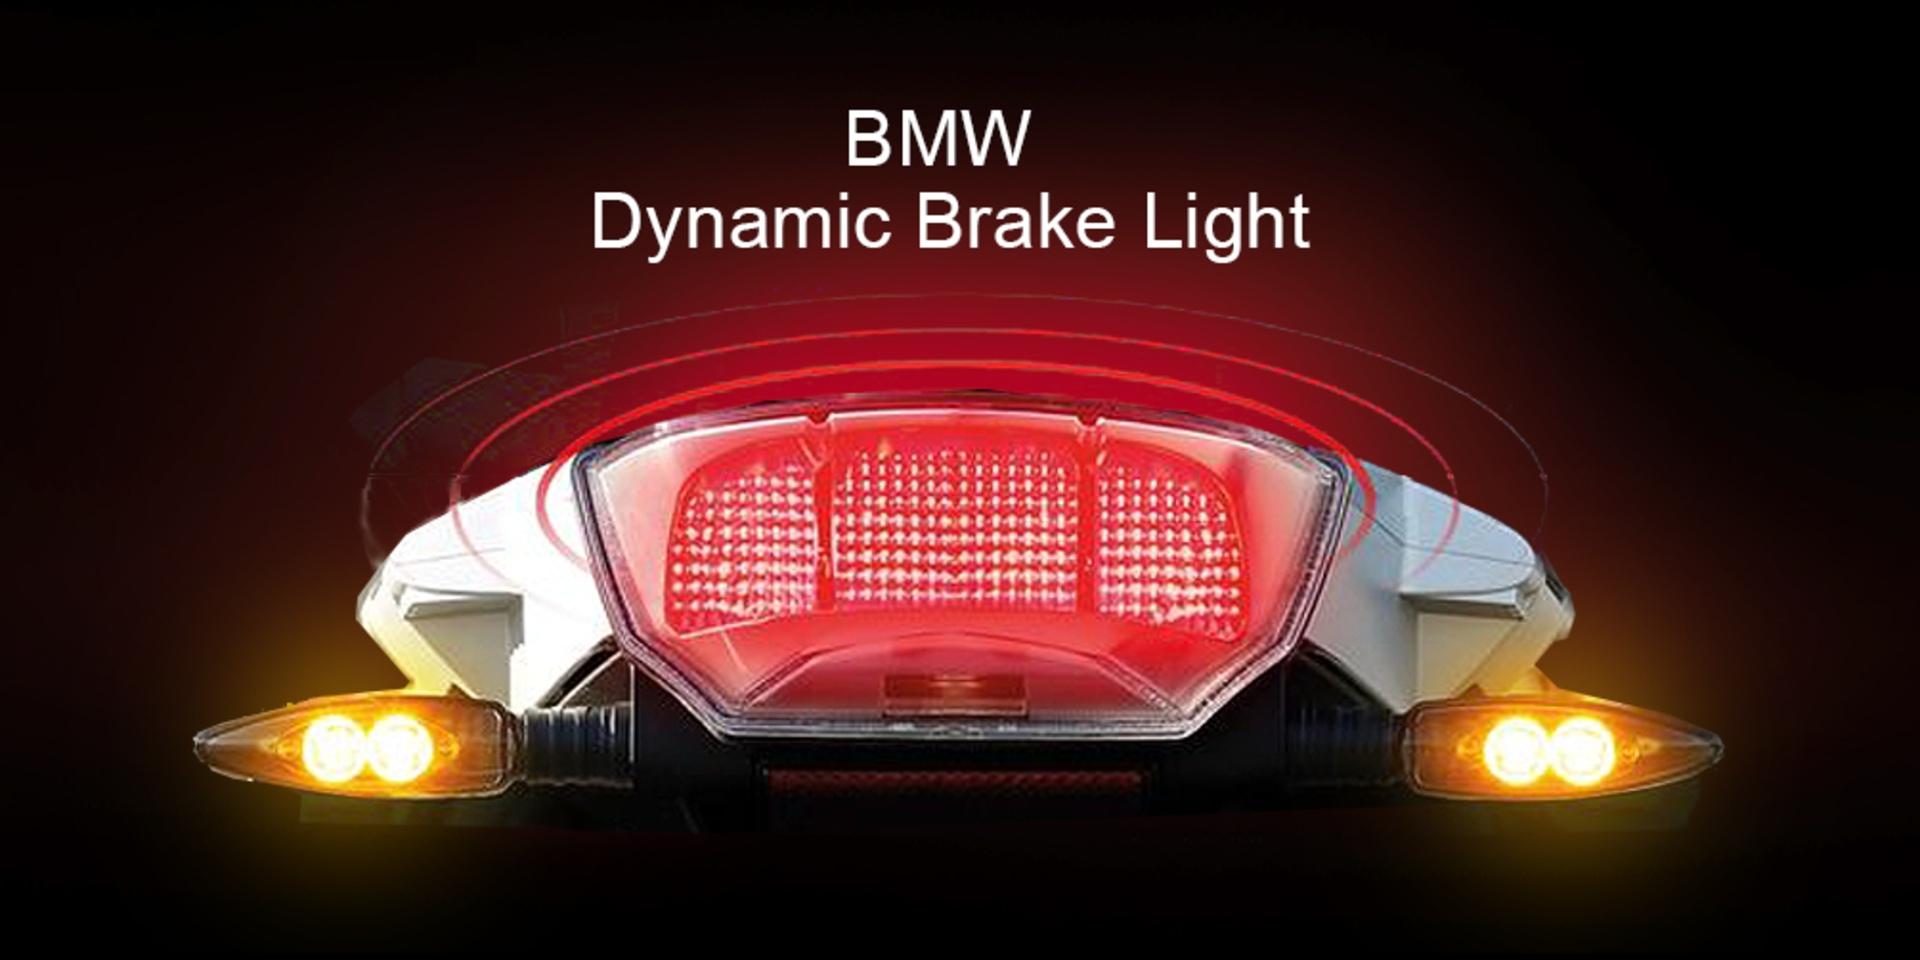 更安全的智慧煞車燈!BMW Dynamic Brake Light